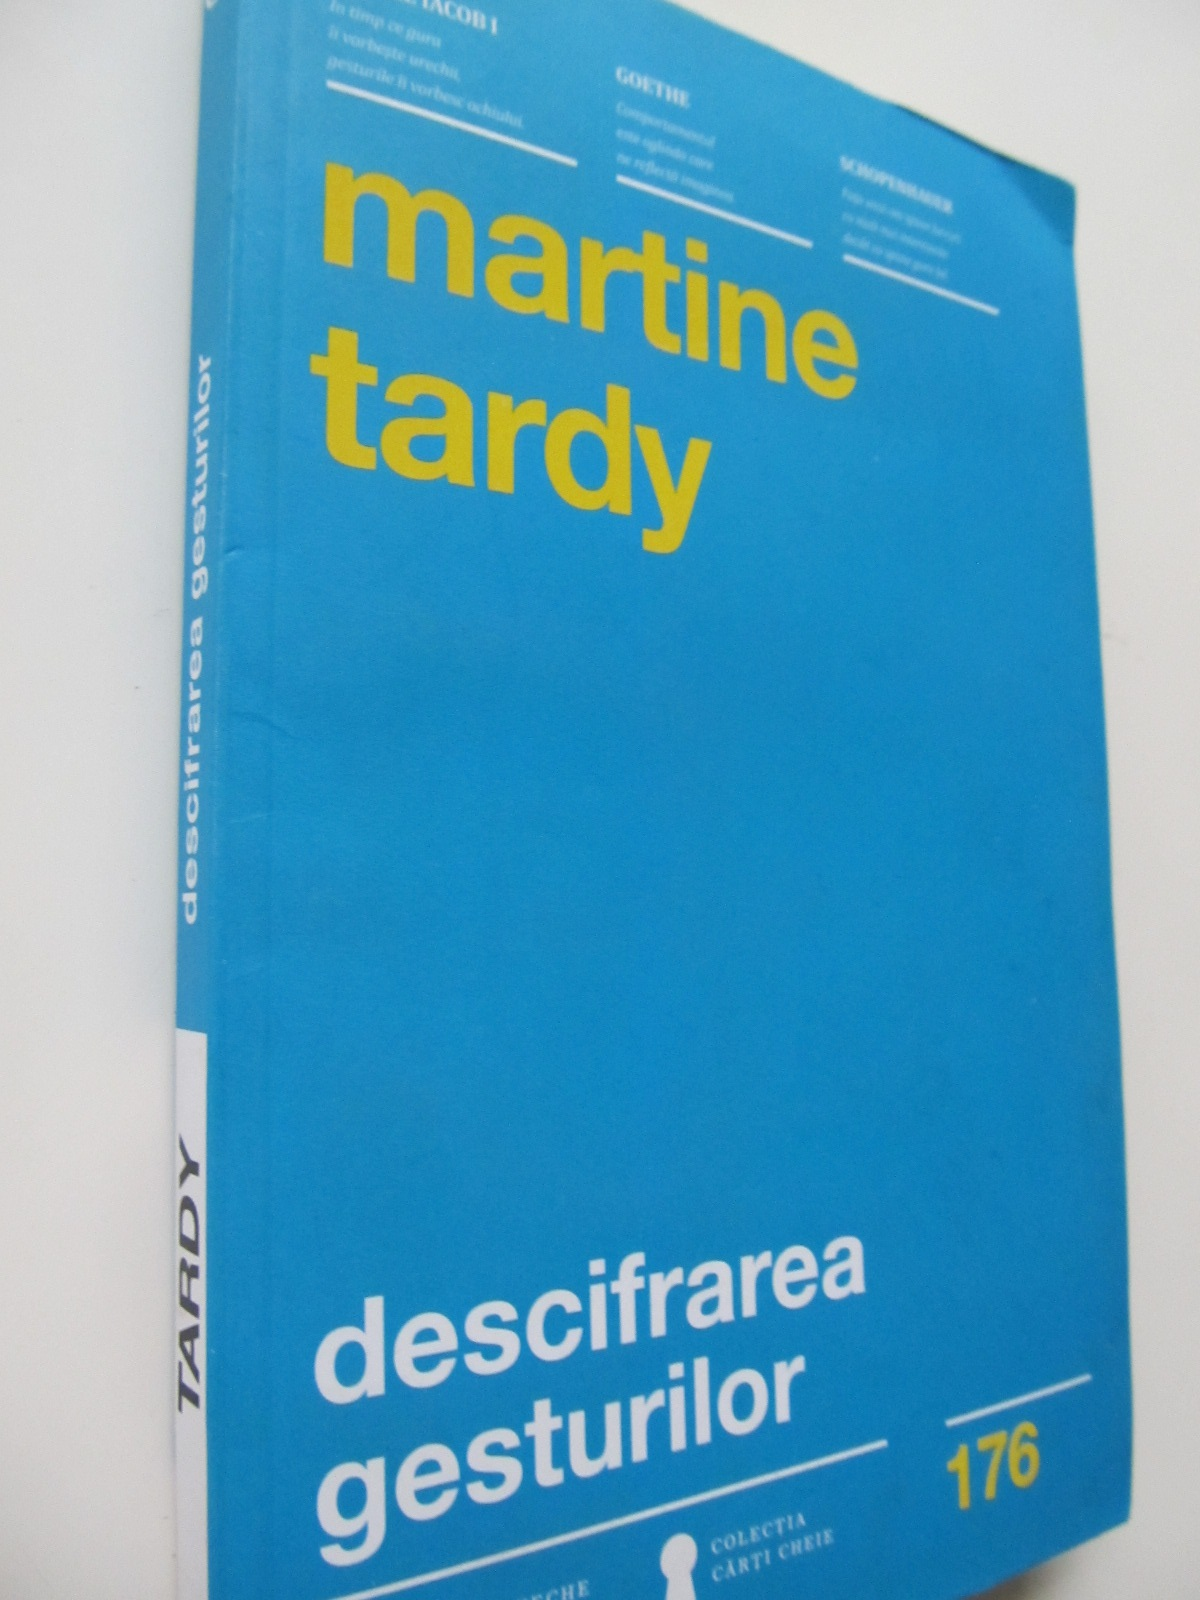 Descifrarea gesturilor - Martine Tardy | Detalii carte